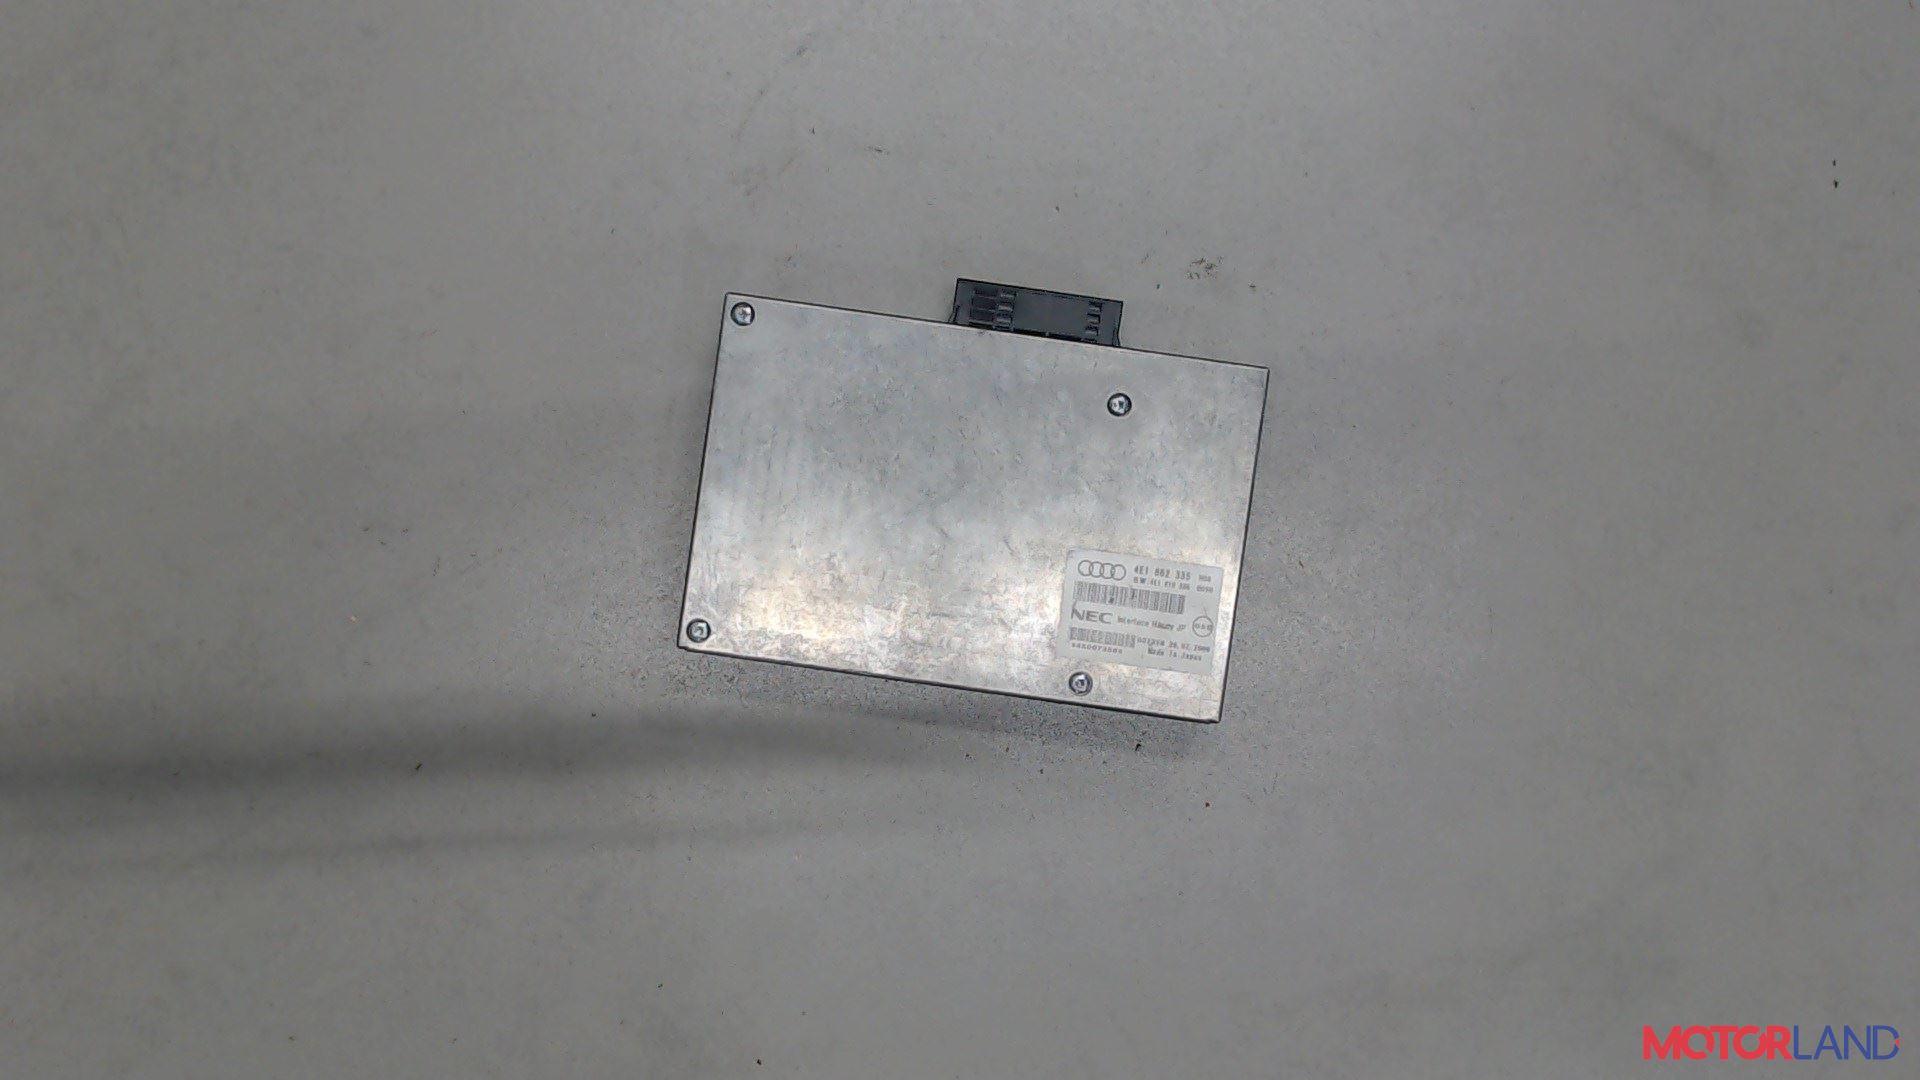 Блок управления (ЭБУ) Audi A6 (C6) 2005-2011 2.8 л. 2006 BDX б/у #1